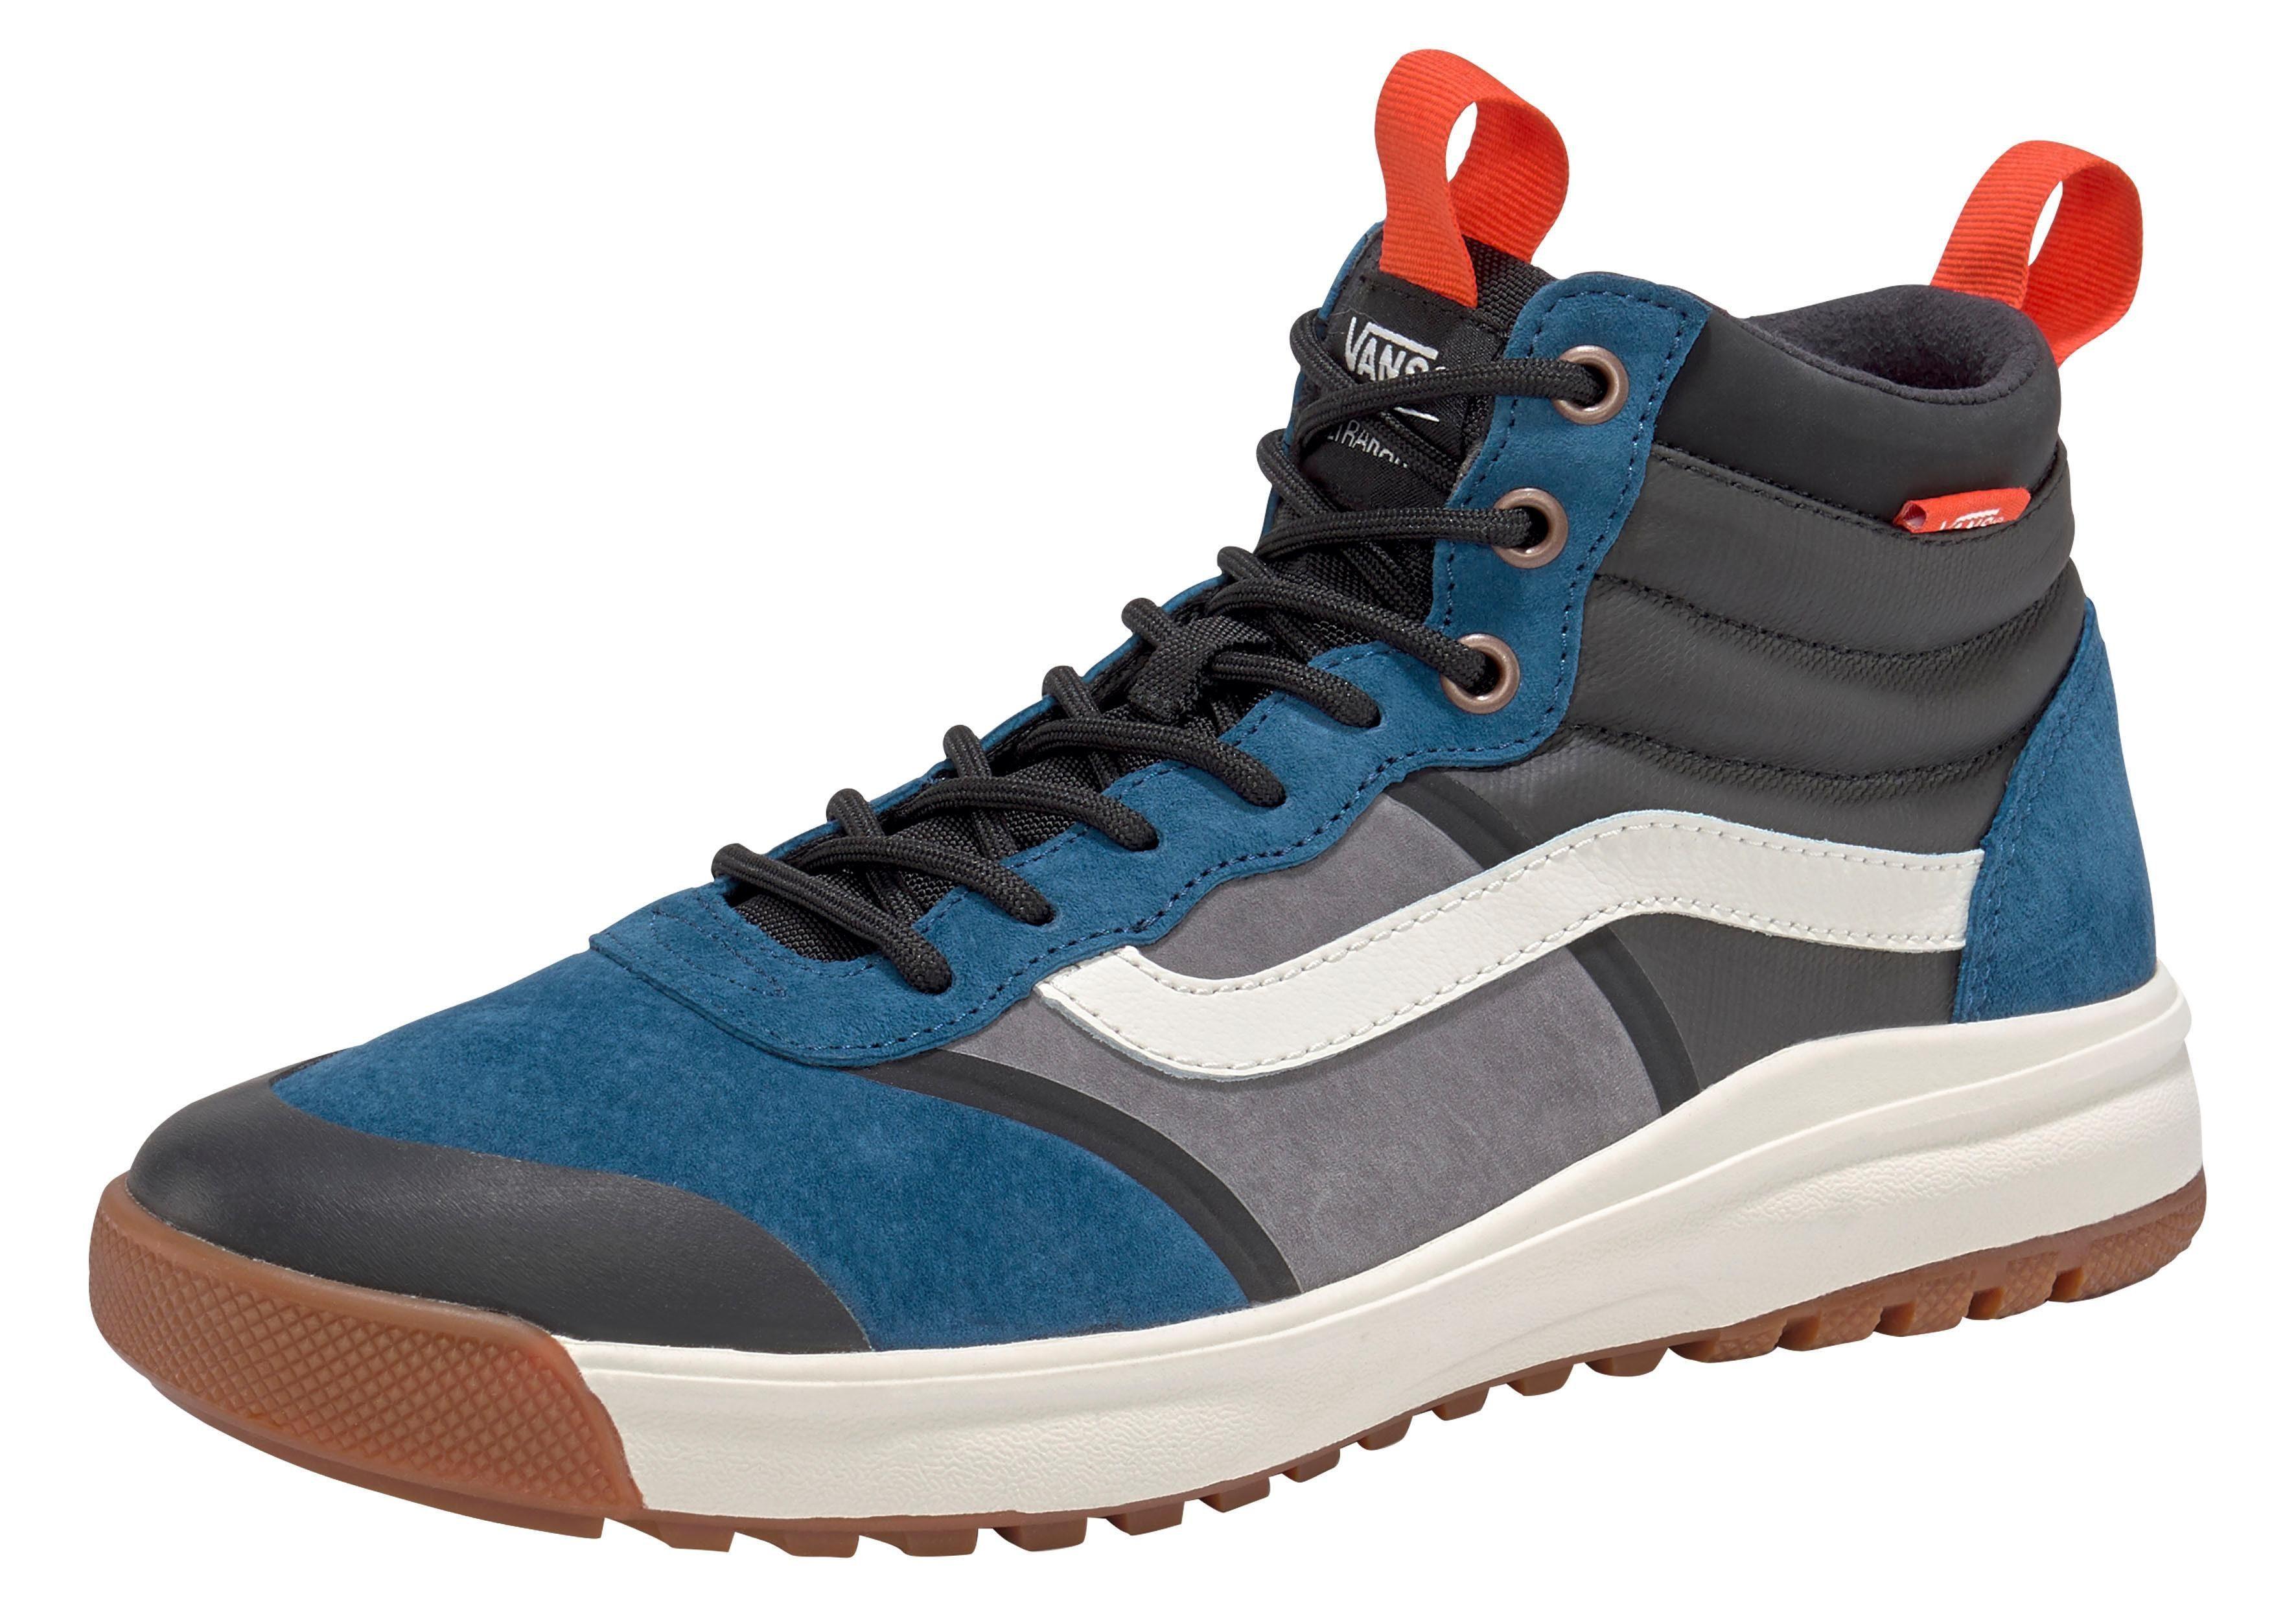 Vans »UltraRange HI DL MTE« Sneaker, Funktionaler Sneakerboot von Vans online kaufen | OTTO